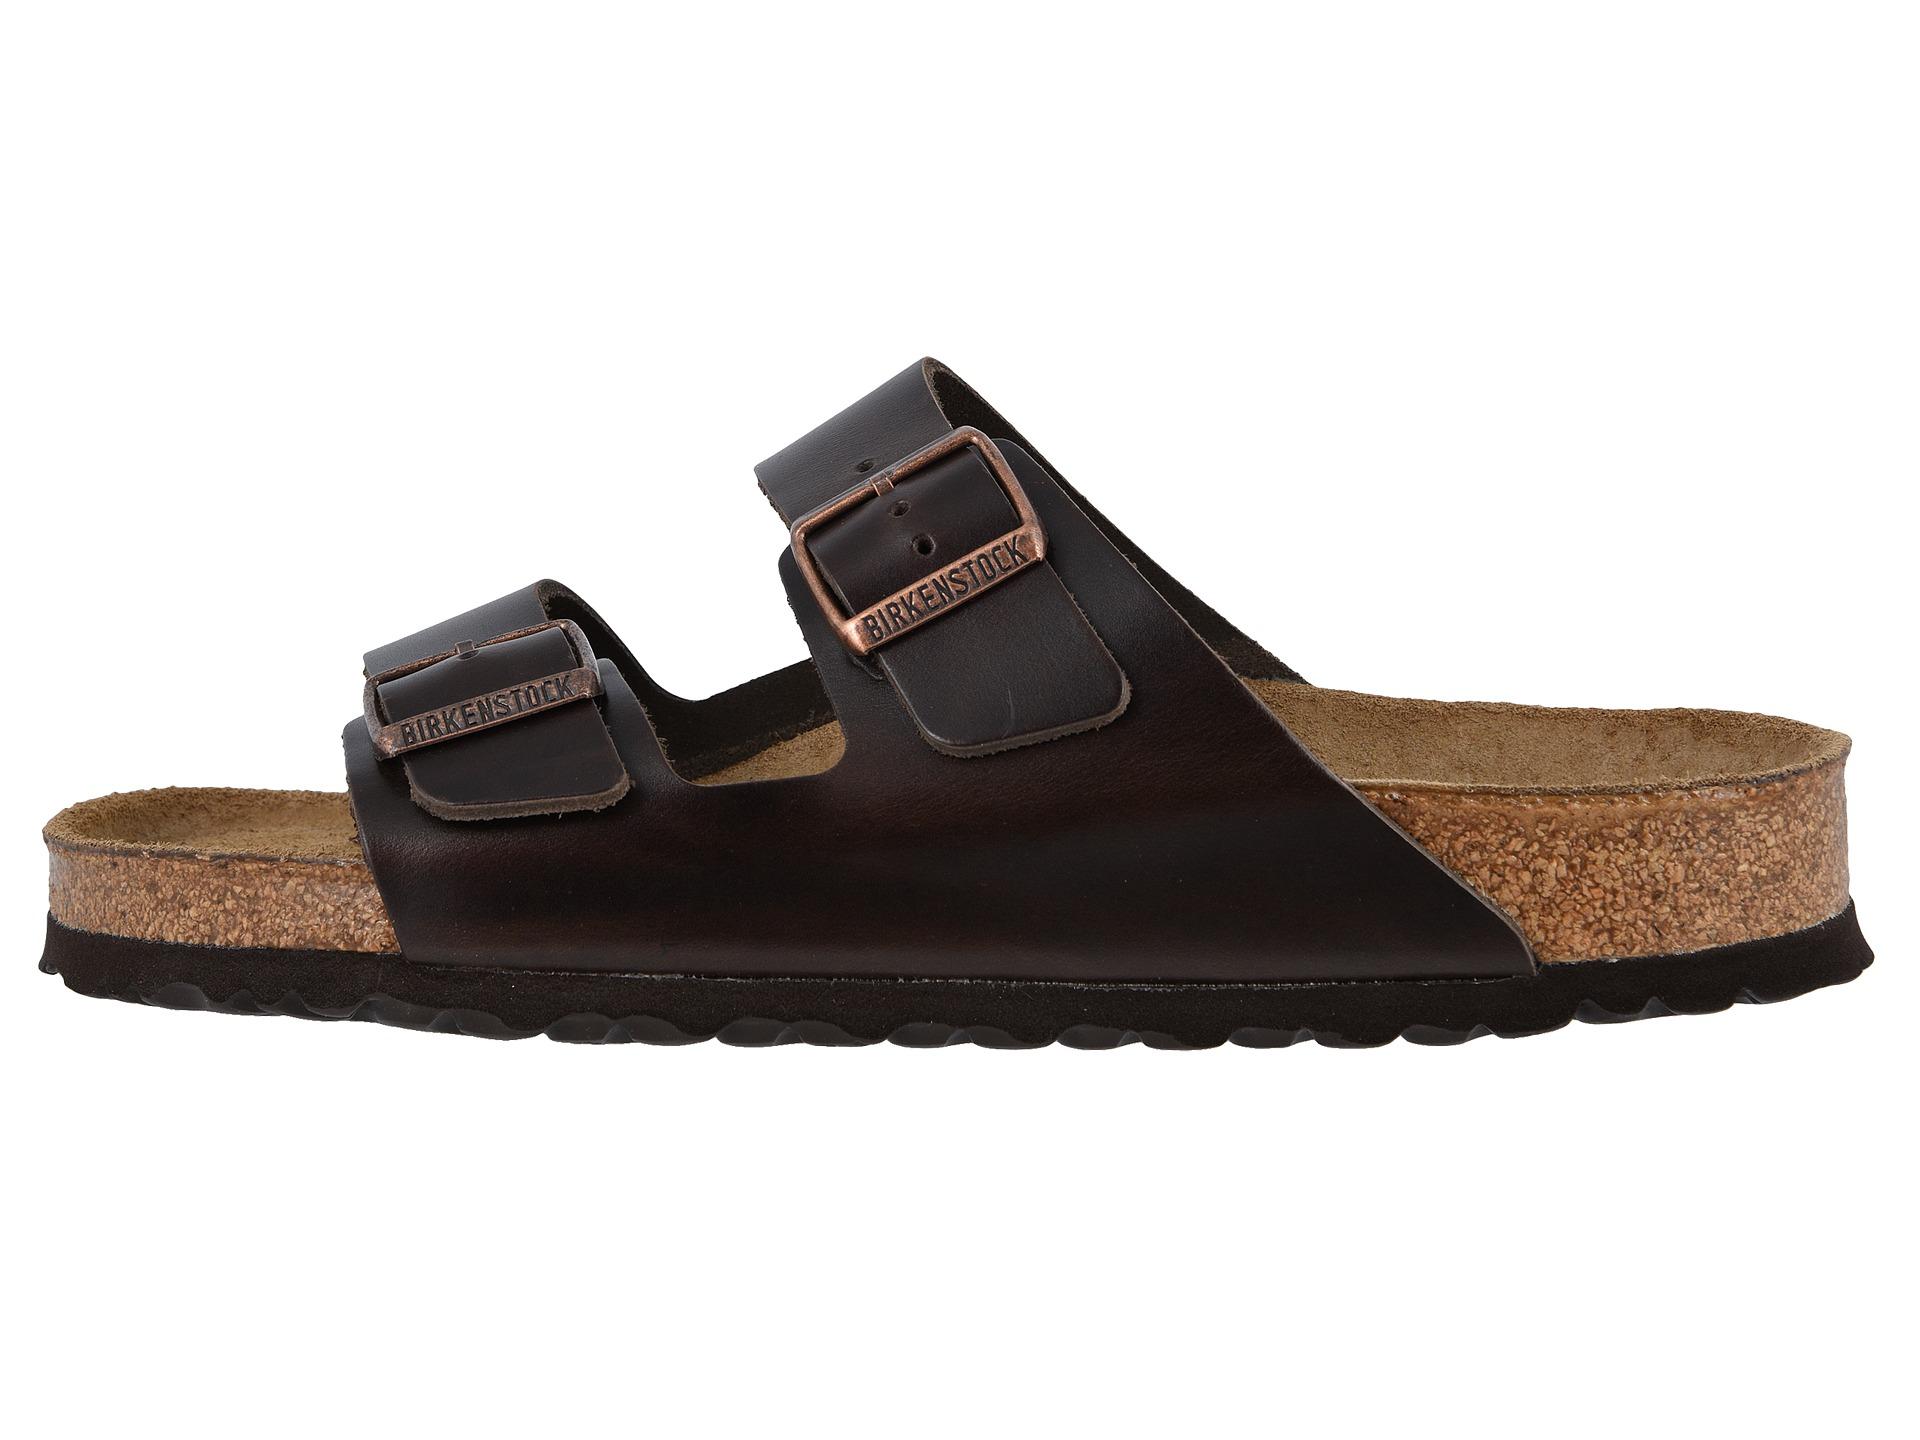 84483876ec94 Birkenstock Zurich Leather Black Sandals Birkenstock 39 Narrow ...